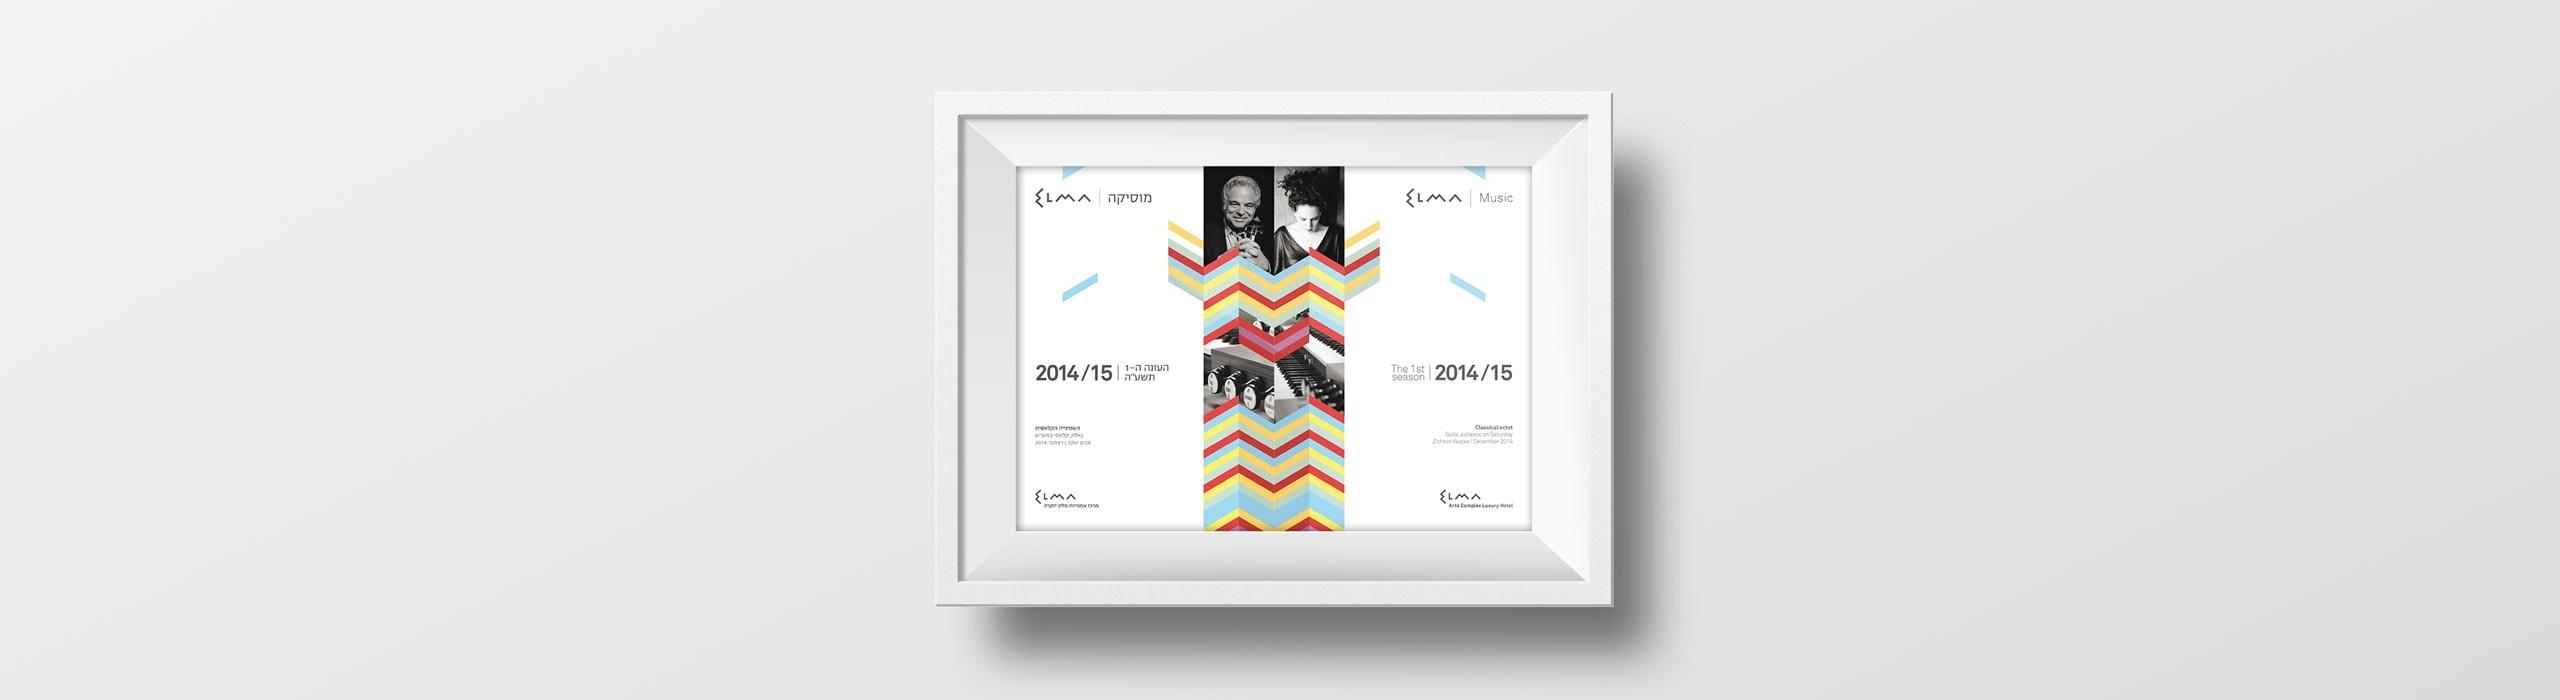 Elma - natie-elma-arts-poster-01 - Natie Branding Agency